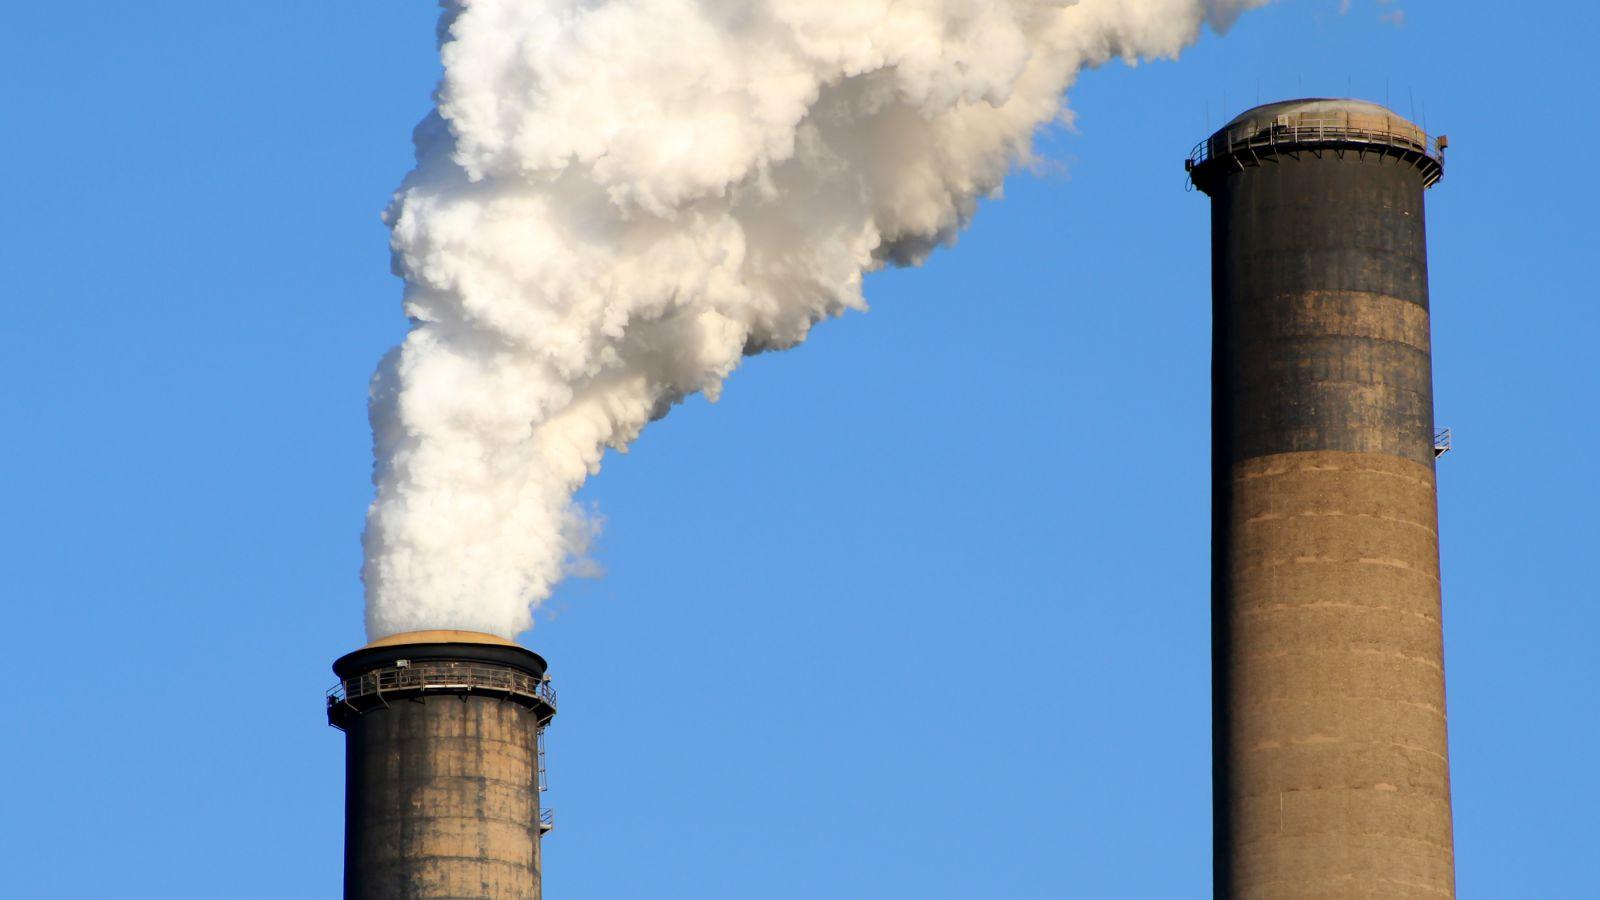 Bliv klogere på drivhusgasser.